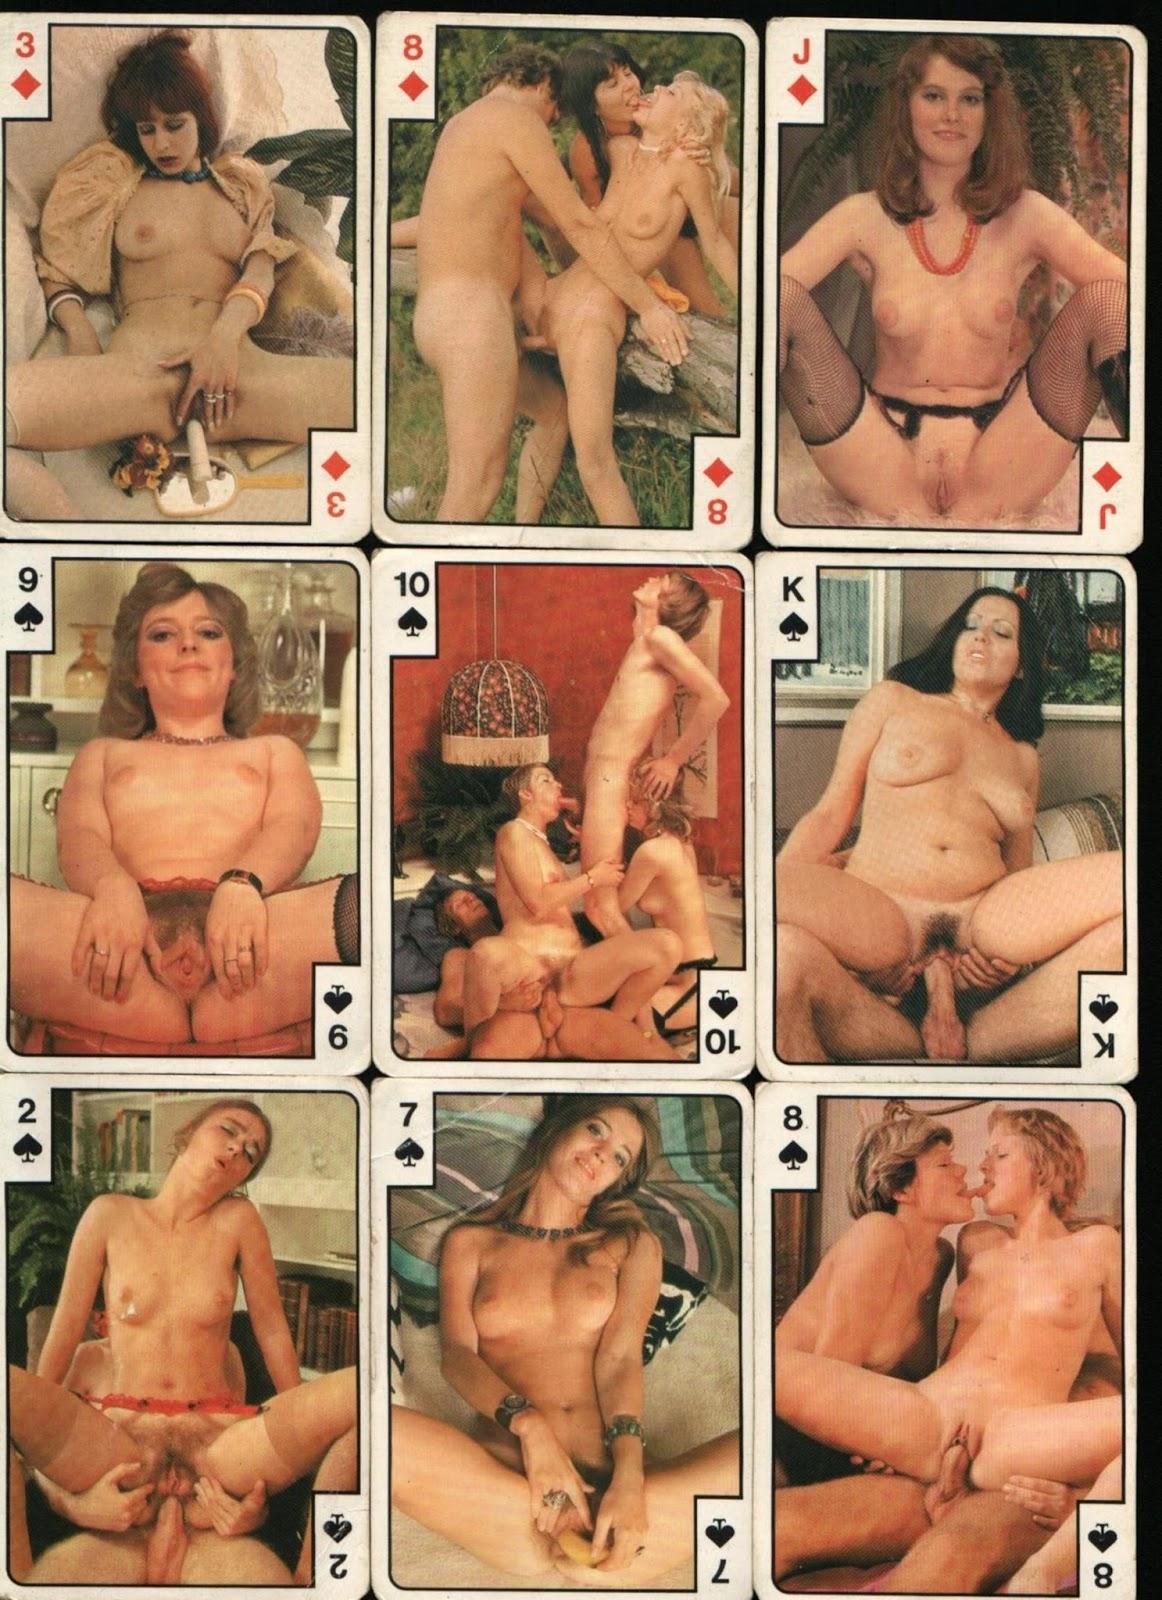 порно карты сша 70-80 х годов